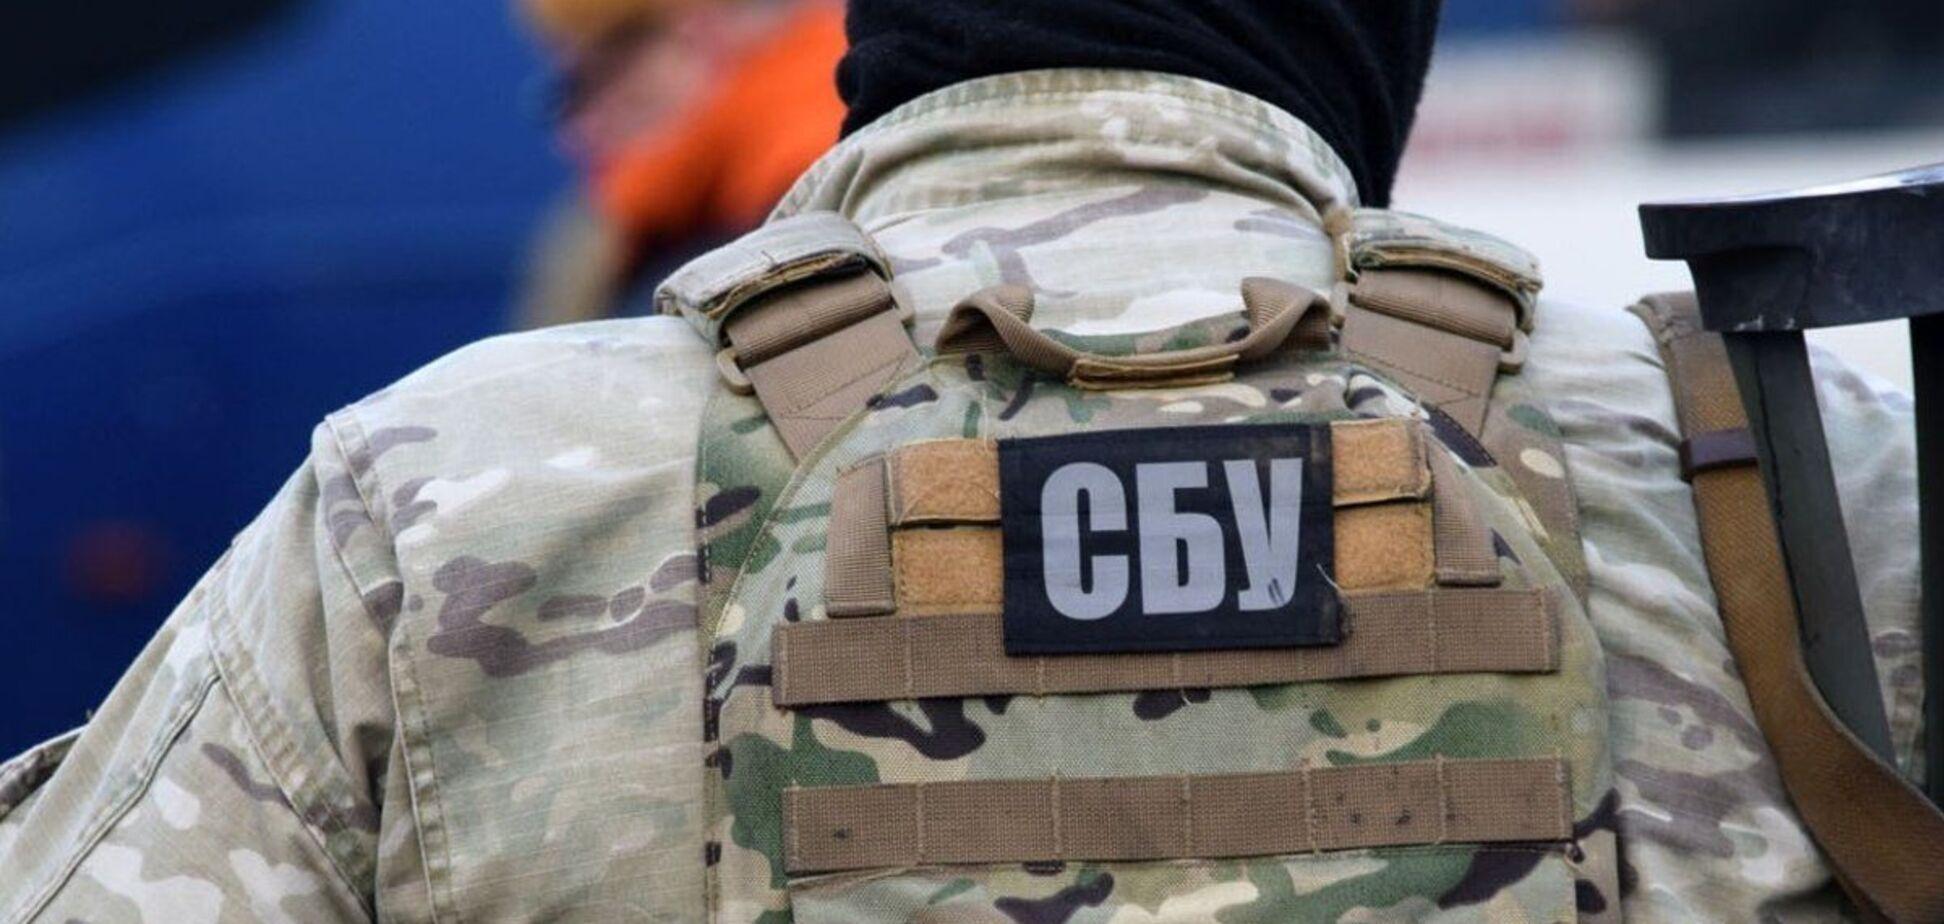 СБУ пресекла попытку хищения в ОГХК на $6 млн